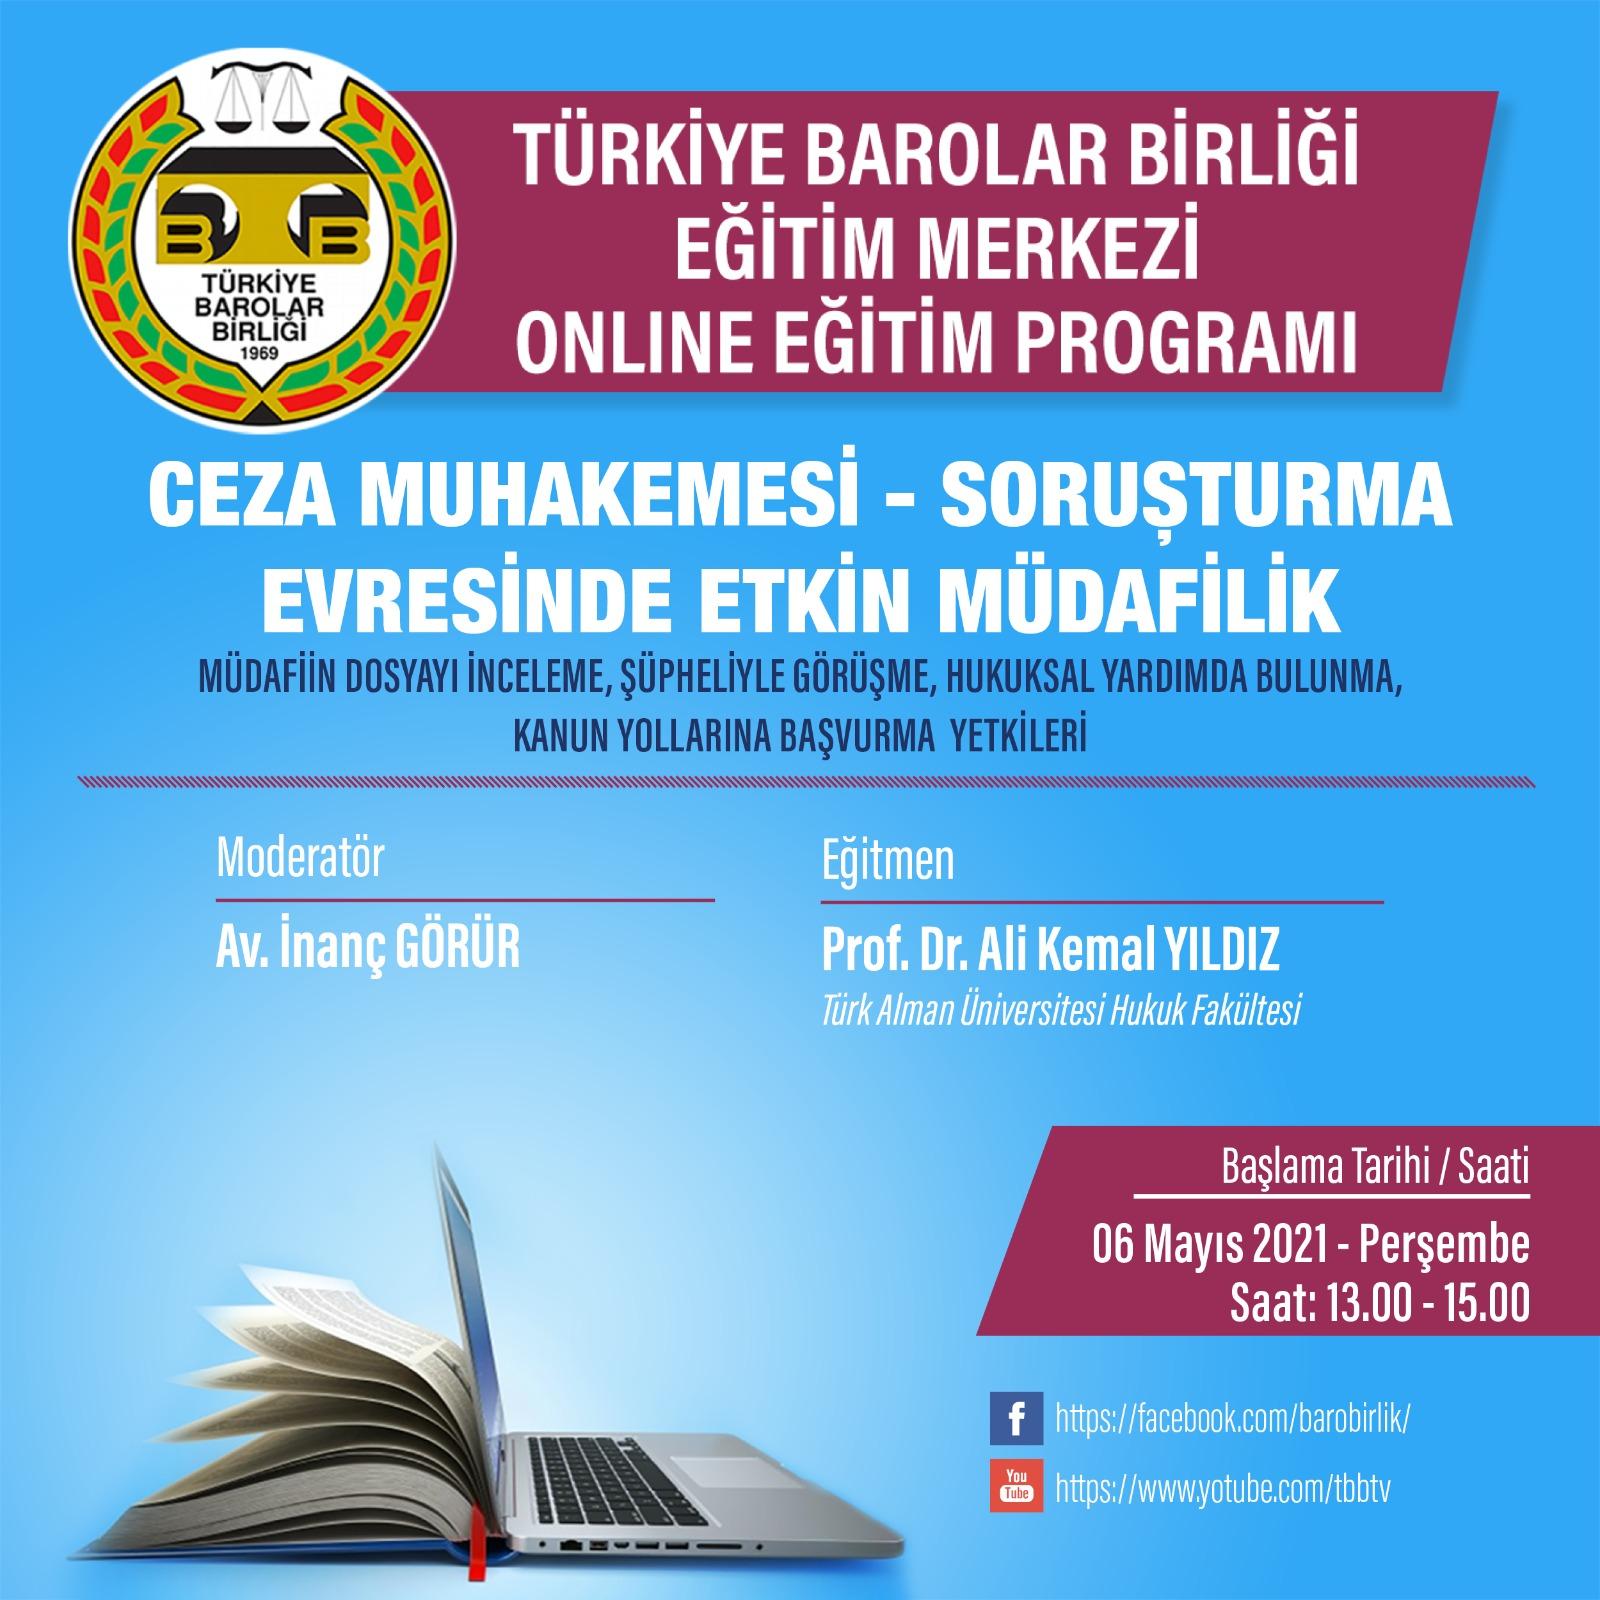 TBB Eğitim Merkezi Online Eğitim 06.05.2021